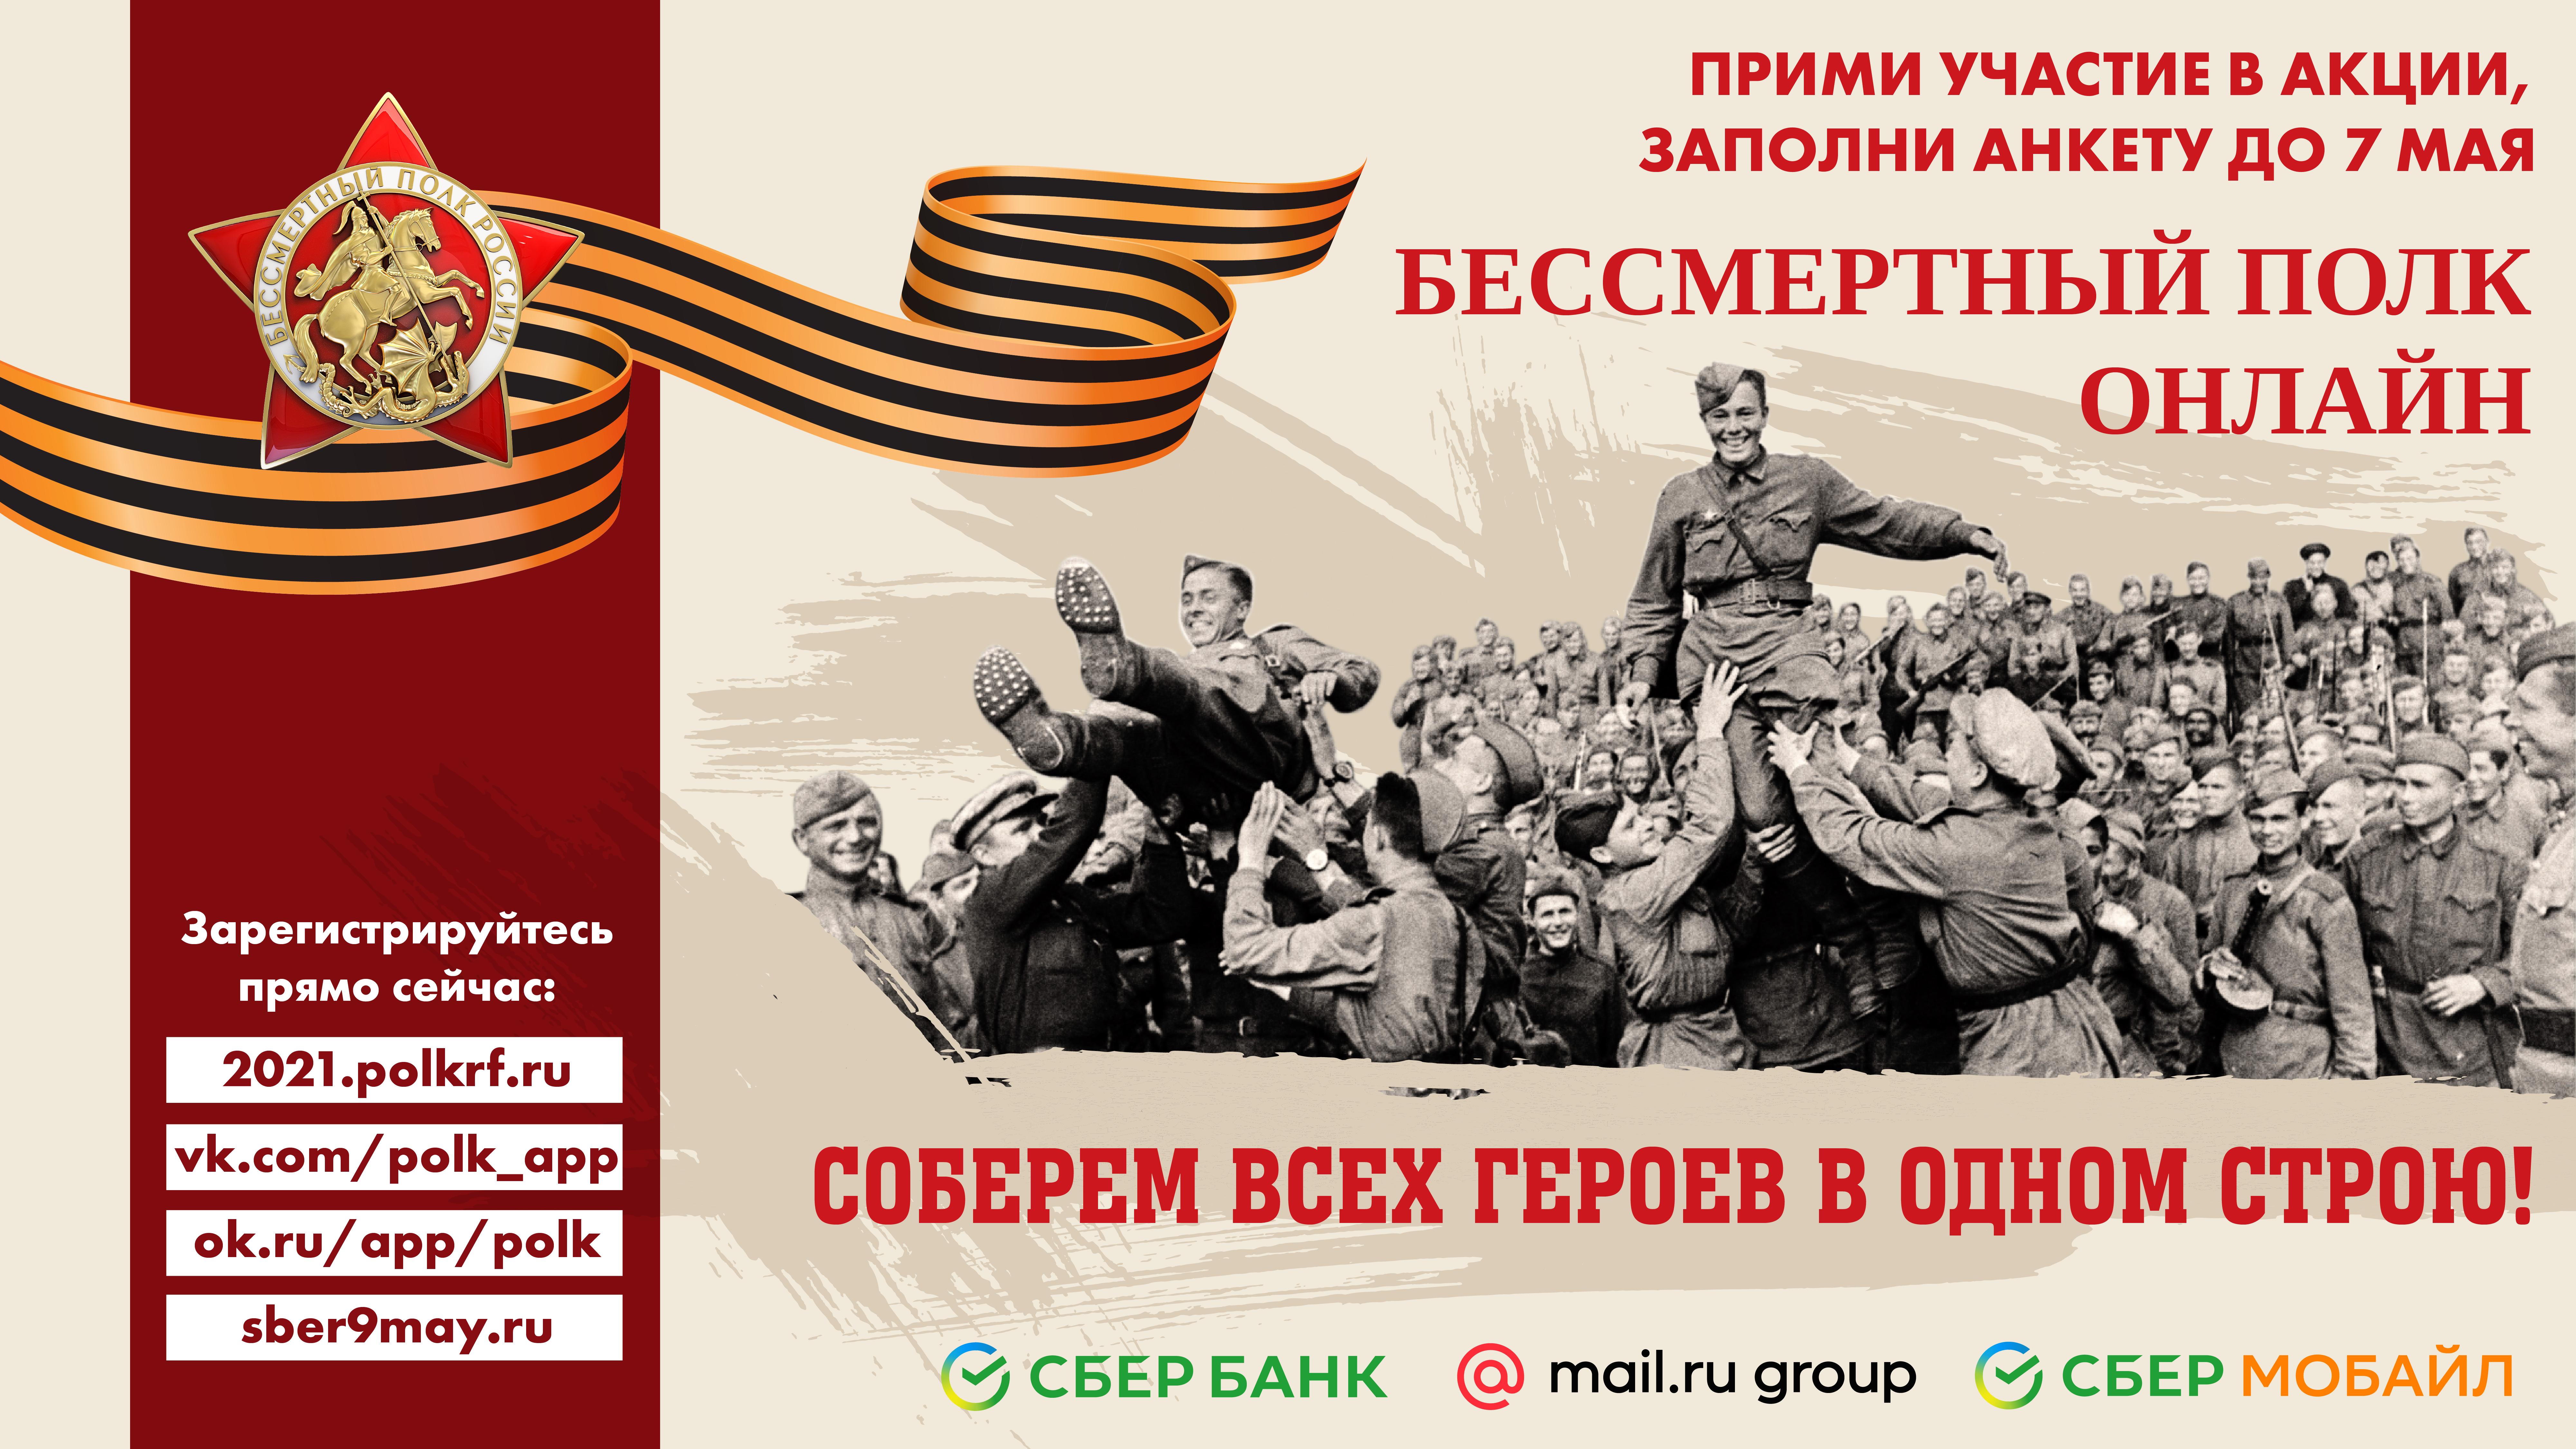 Примите участие в акции Бессмертный полк онлайн.